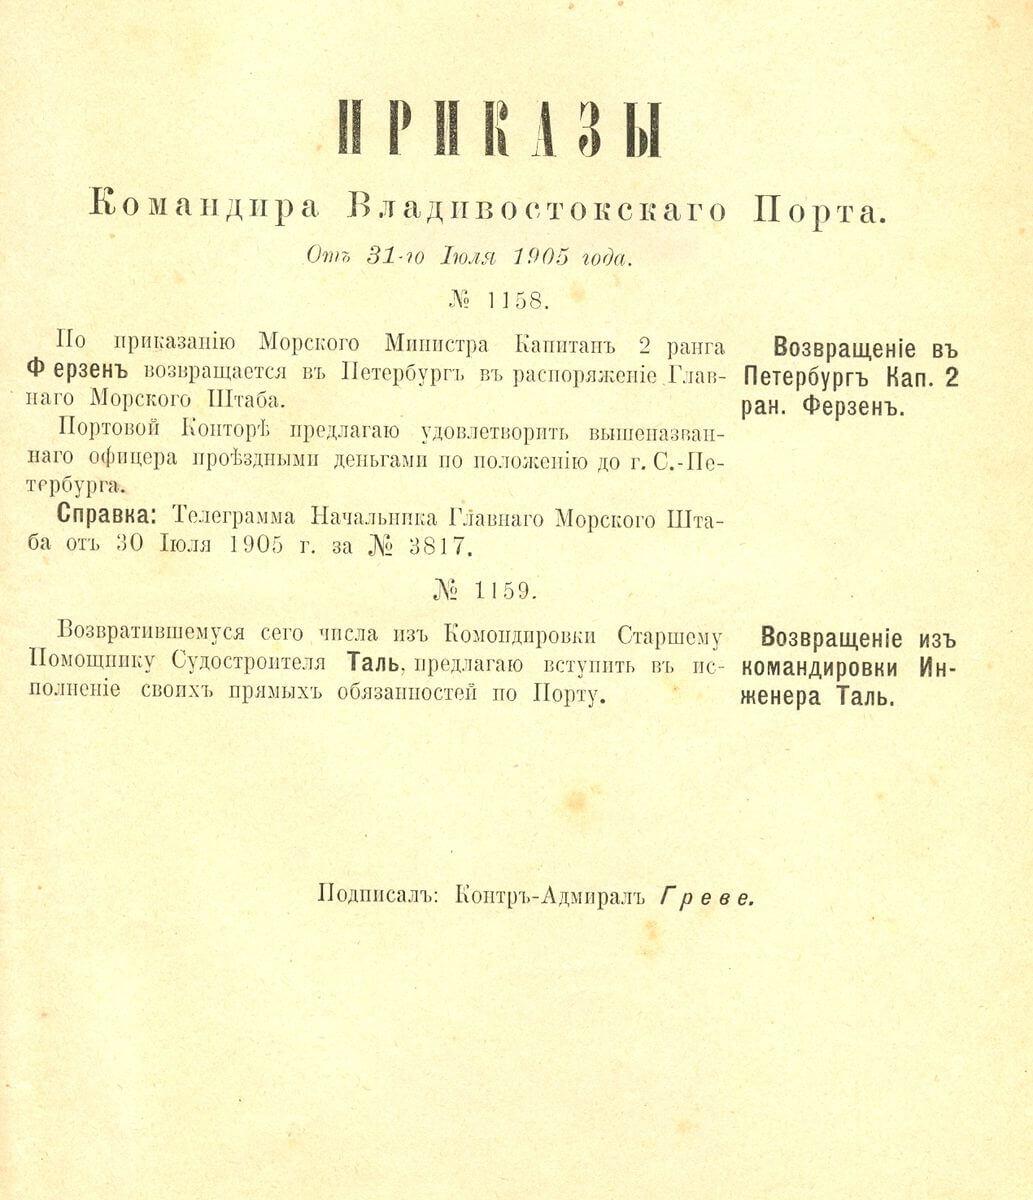 От 31-го Июля 1905 года.